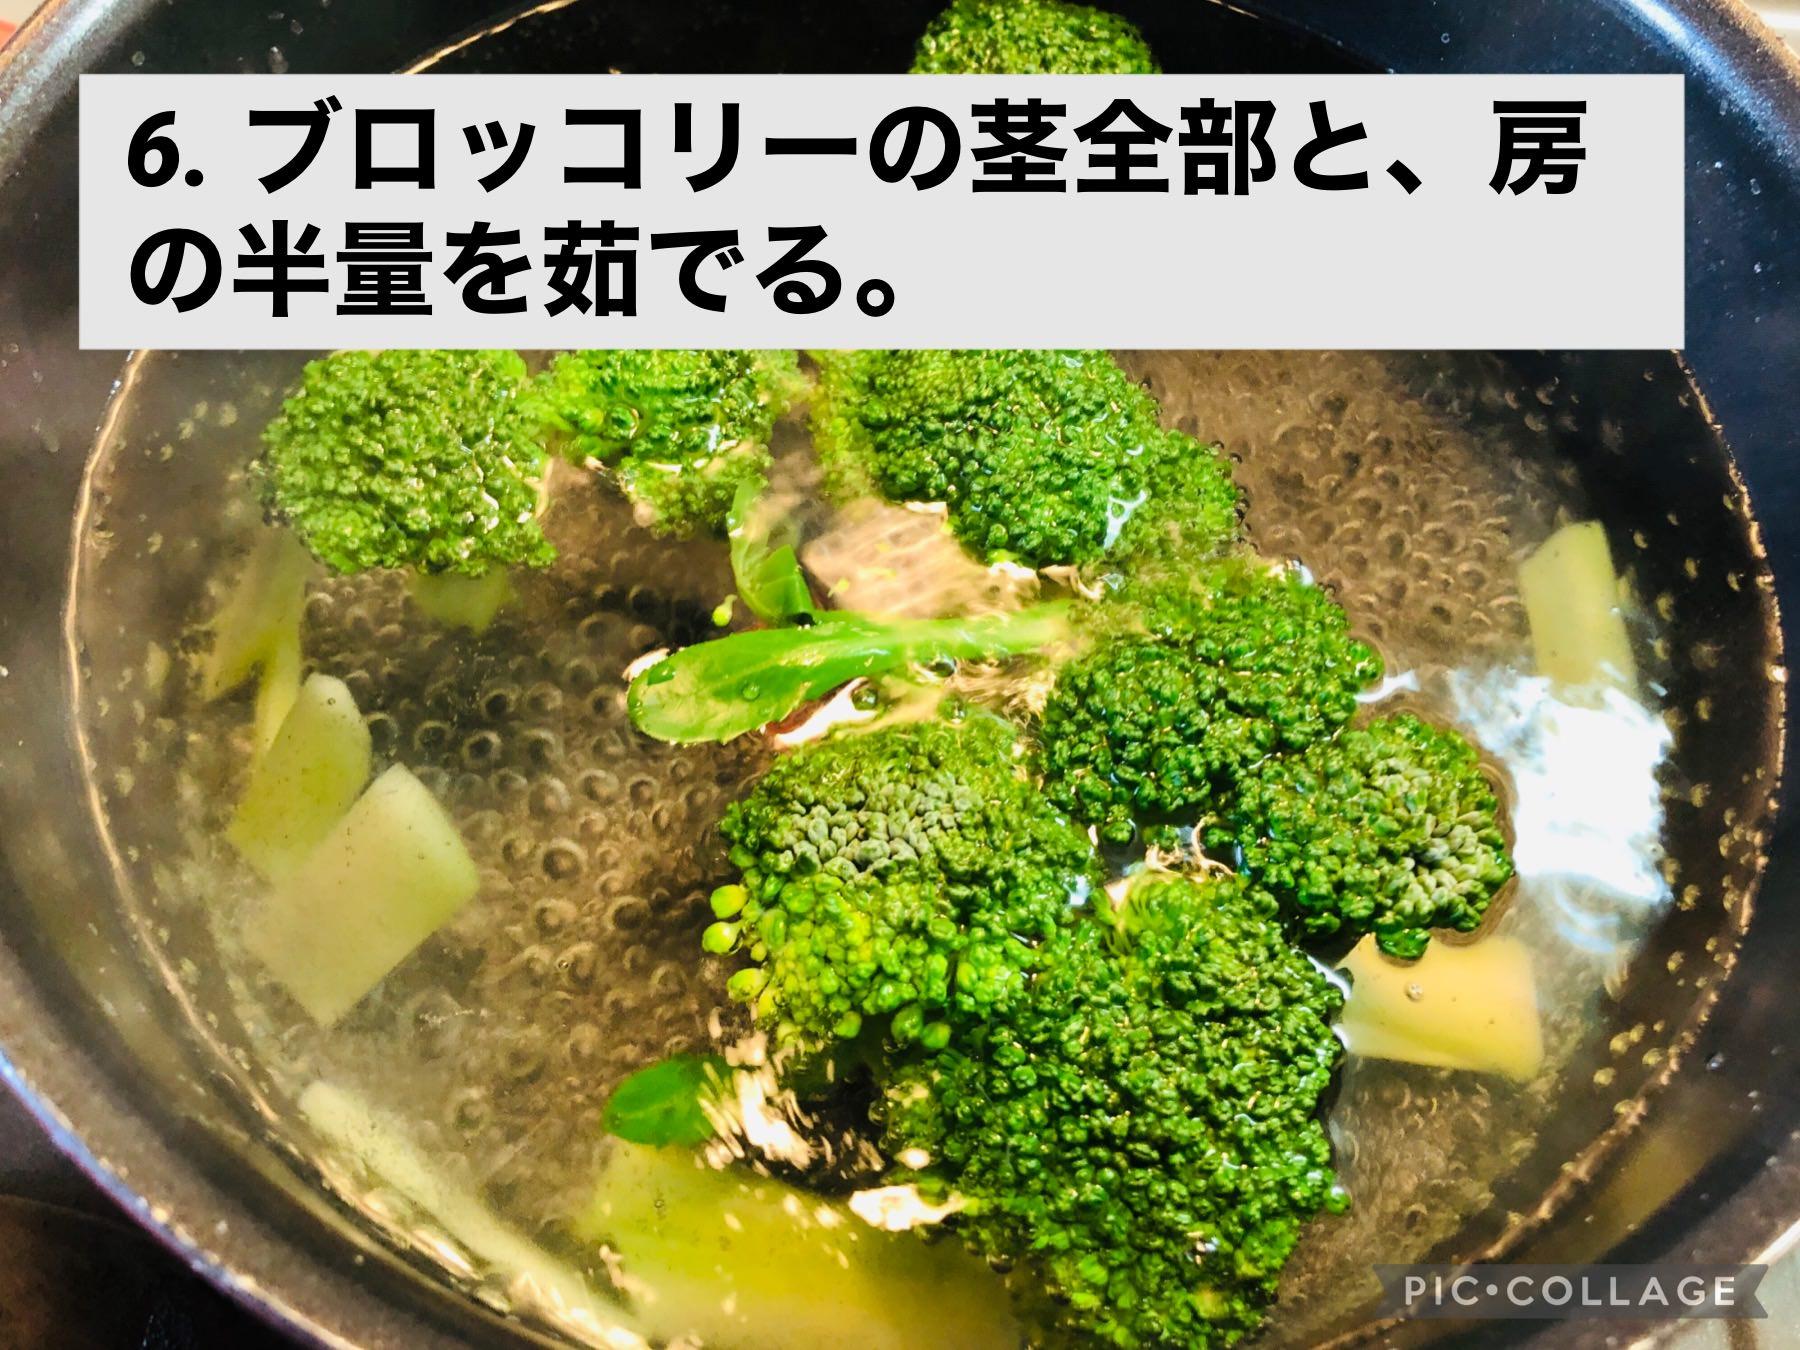 沸かせたお湯の鍋にブロッコリーの茎全部と、房の半量を入れた画像です